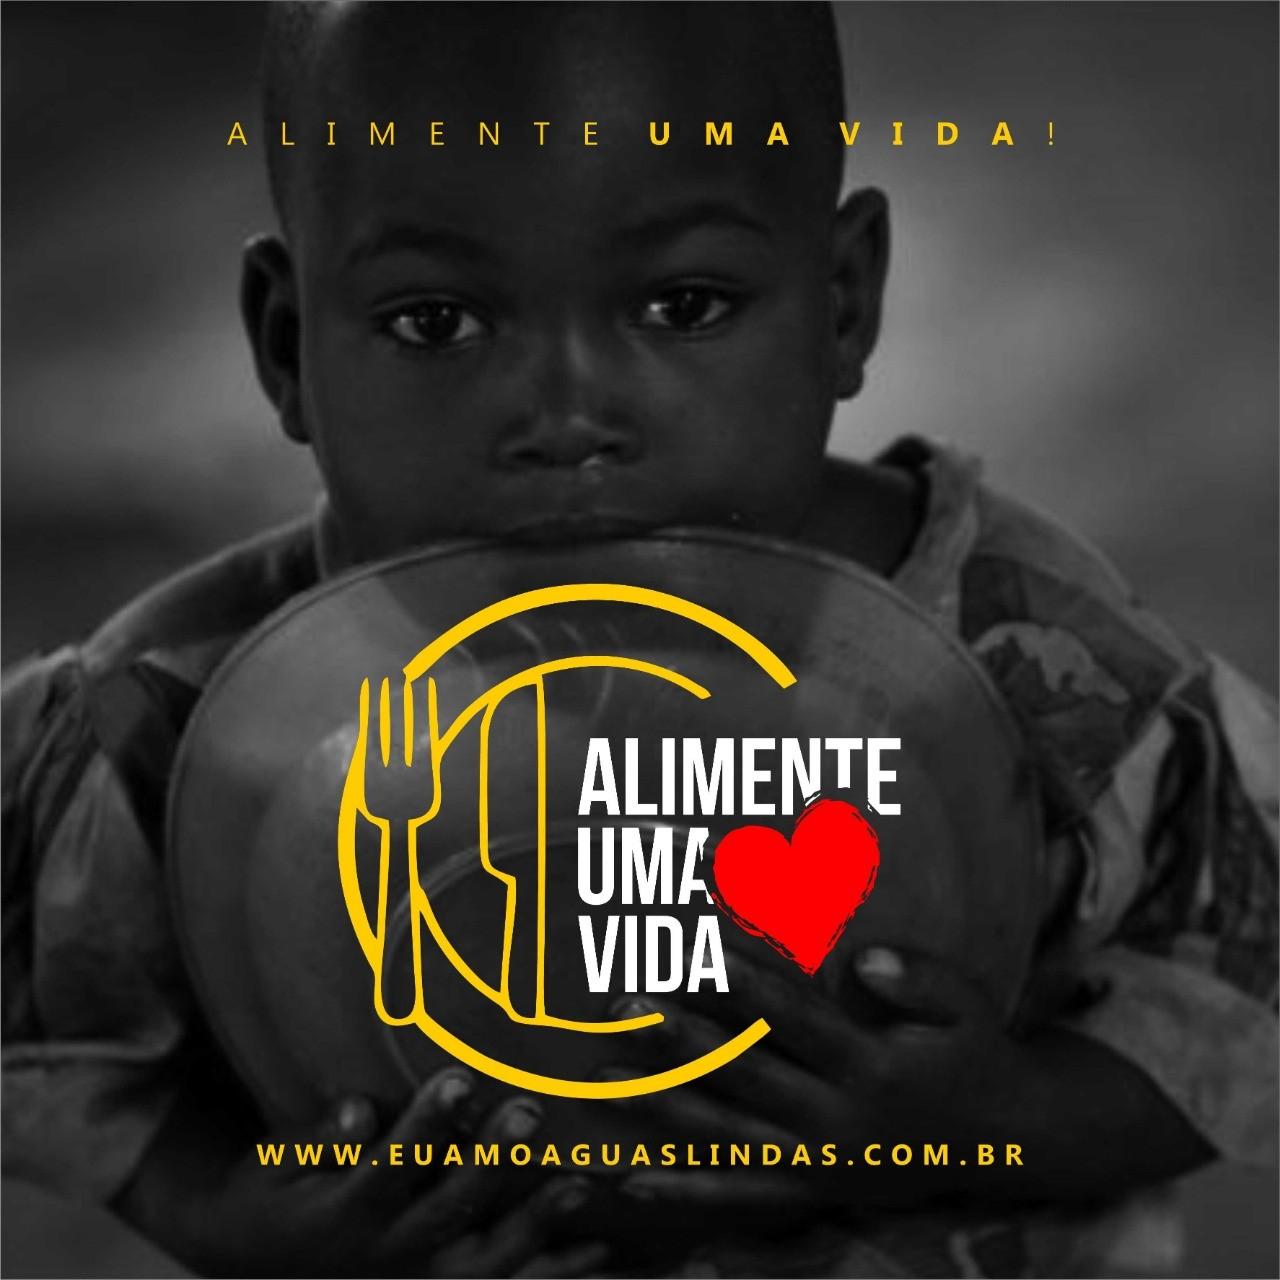 Foto  - ALIMENTE UMA VIDA